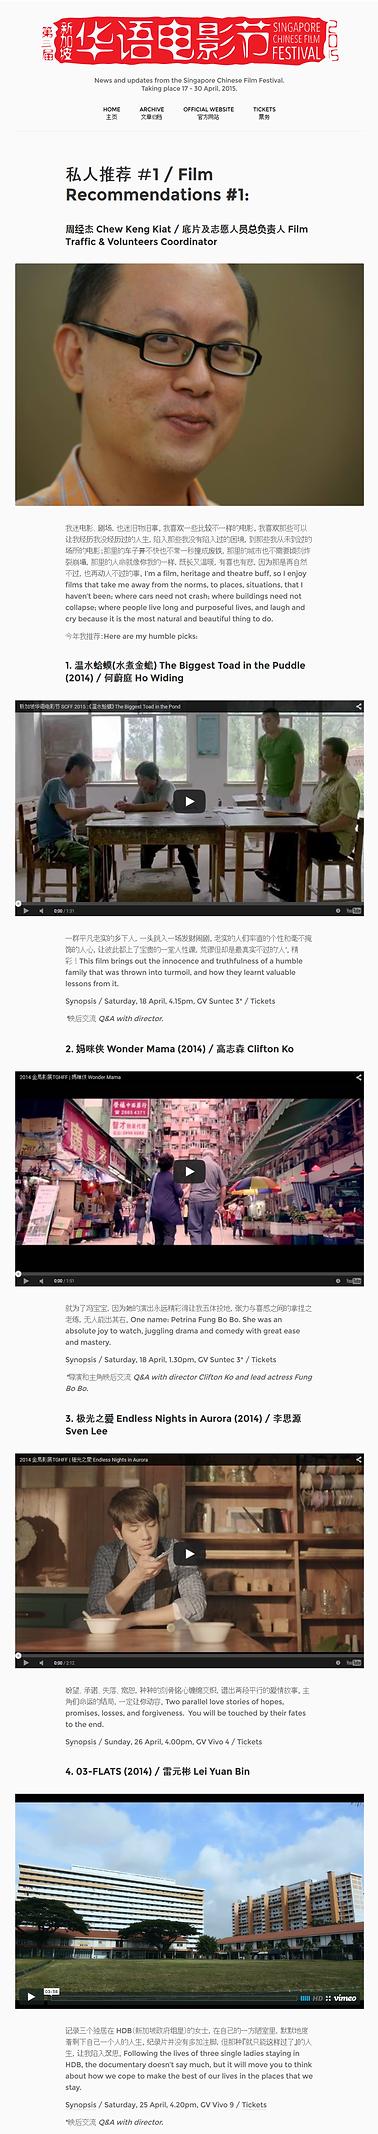 03-Flats, NUS, Lilian Chee, Lei Yuan Bin, Singapore Film